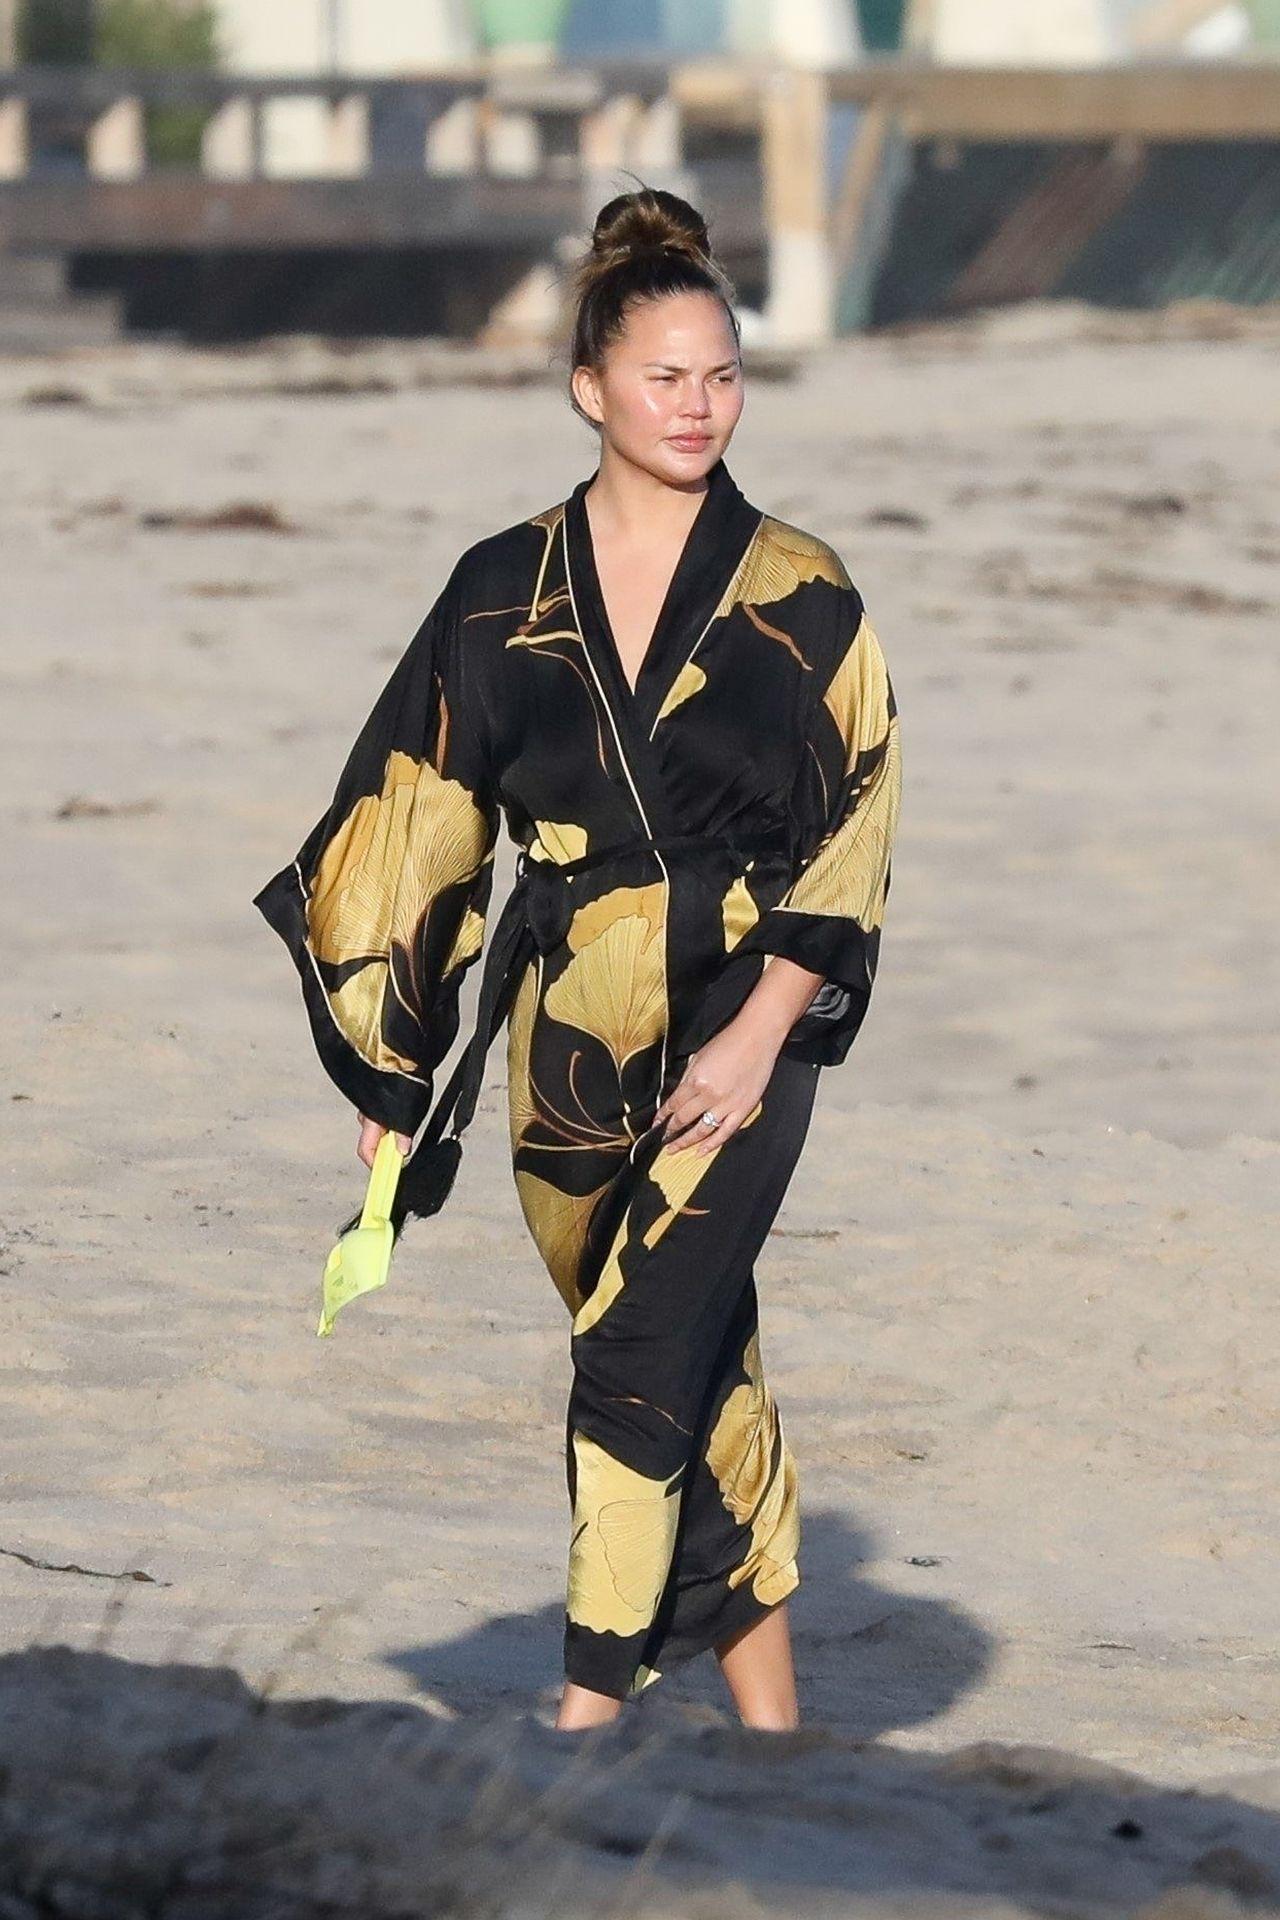 Chrissy Teigen Enjoys A Beach Day In Malibu Amid All Coronavirus Chaos 0011